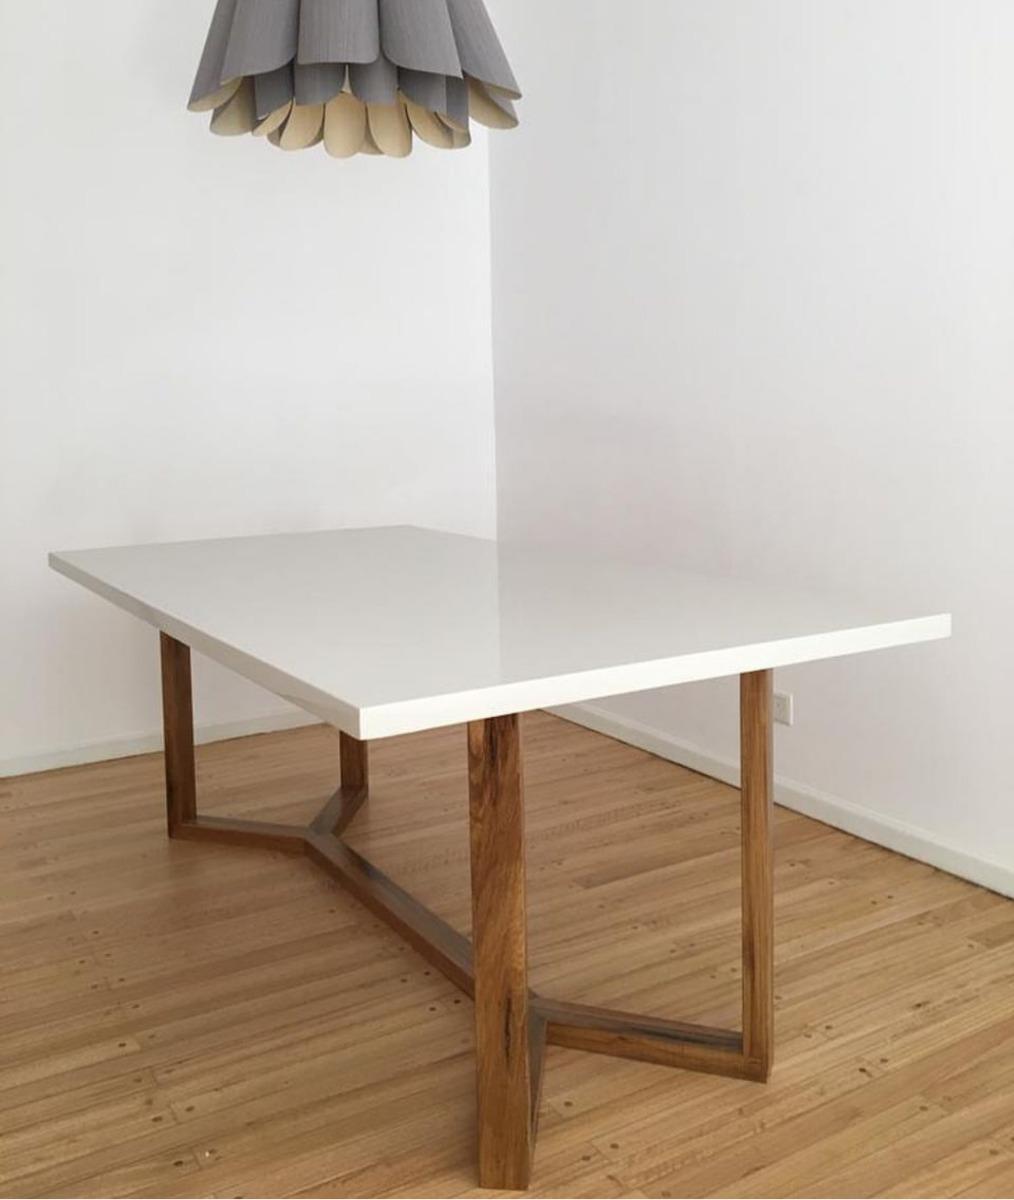 Mesa Flüer Diseño Comedor Madera Petiribi Moderno Blanca